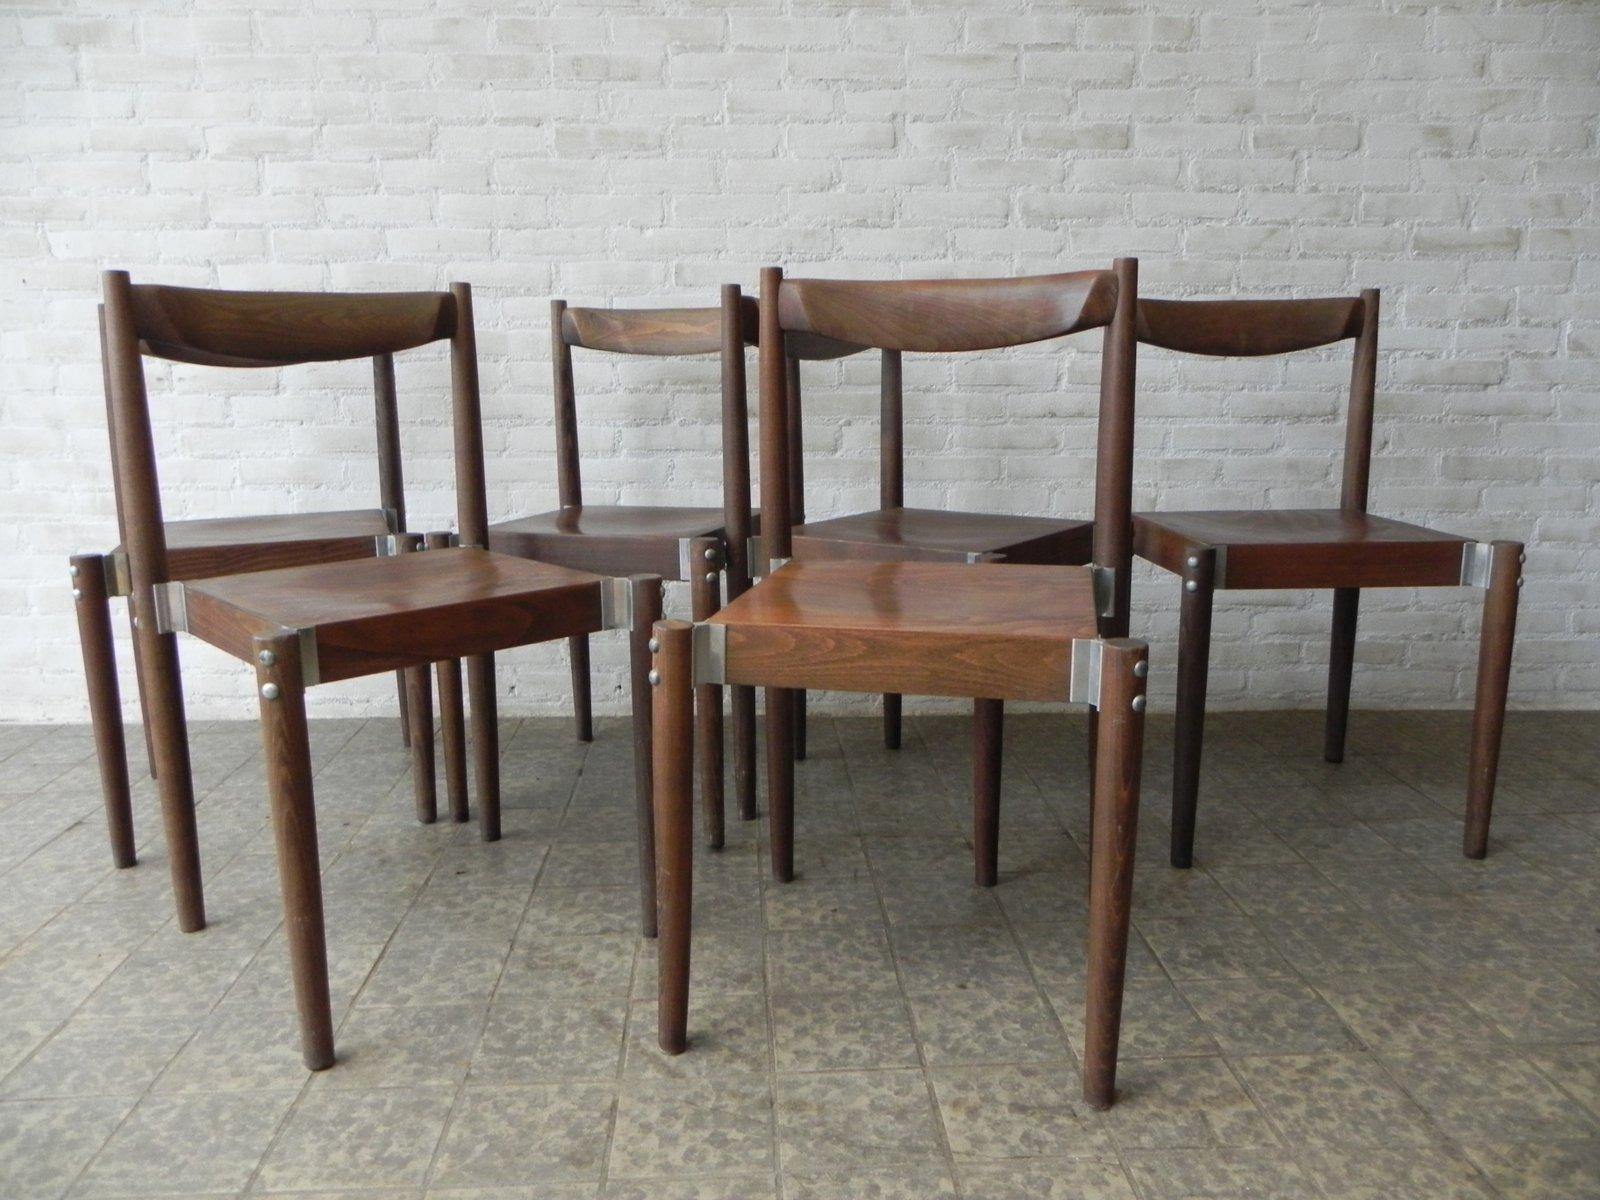 tschechische esszimmerst hle 1970er 6er set bei pamono. Black Bedroom Furniture Sets. Home Design Ideas